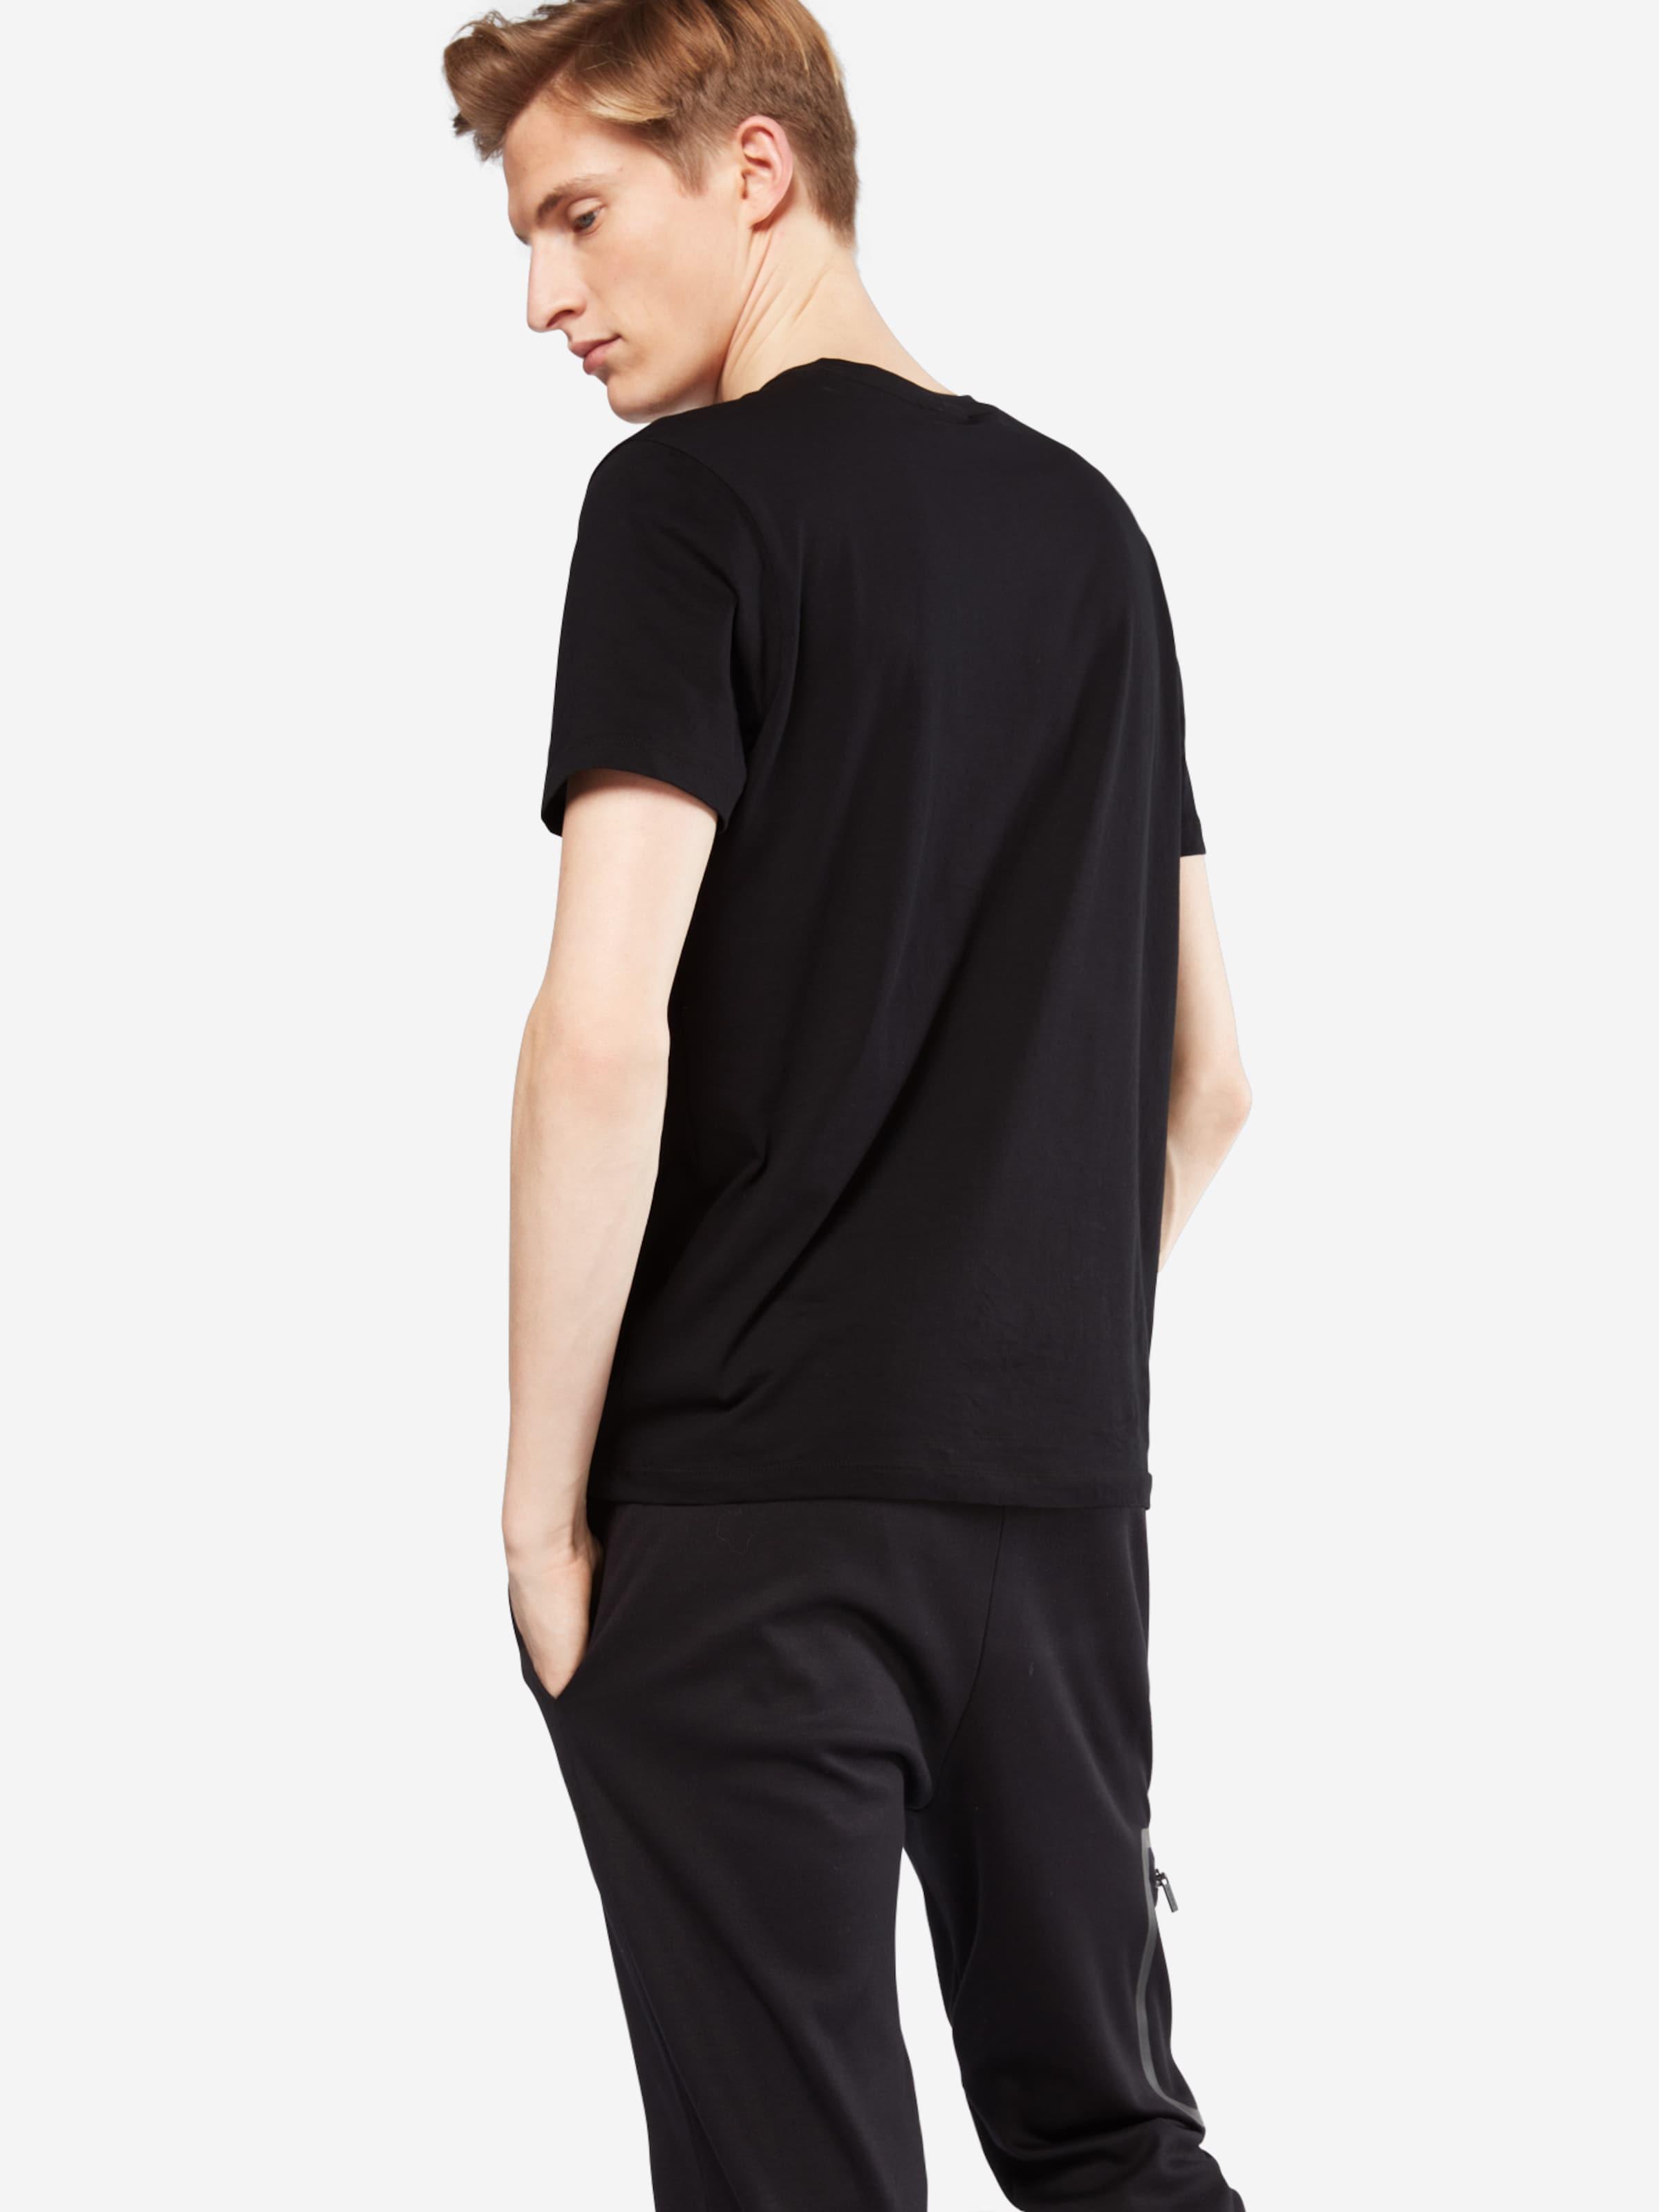 HUGO T-Shirt 'Divo' Billig 2018 Neu CW8YGV